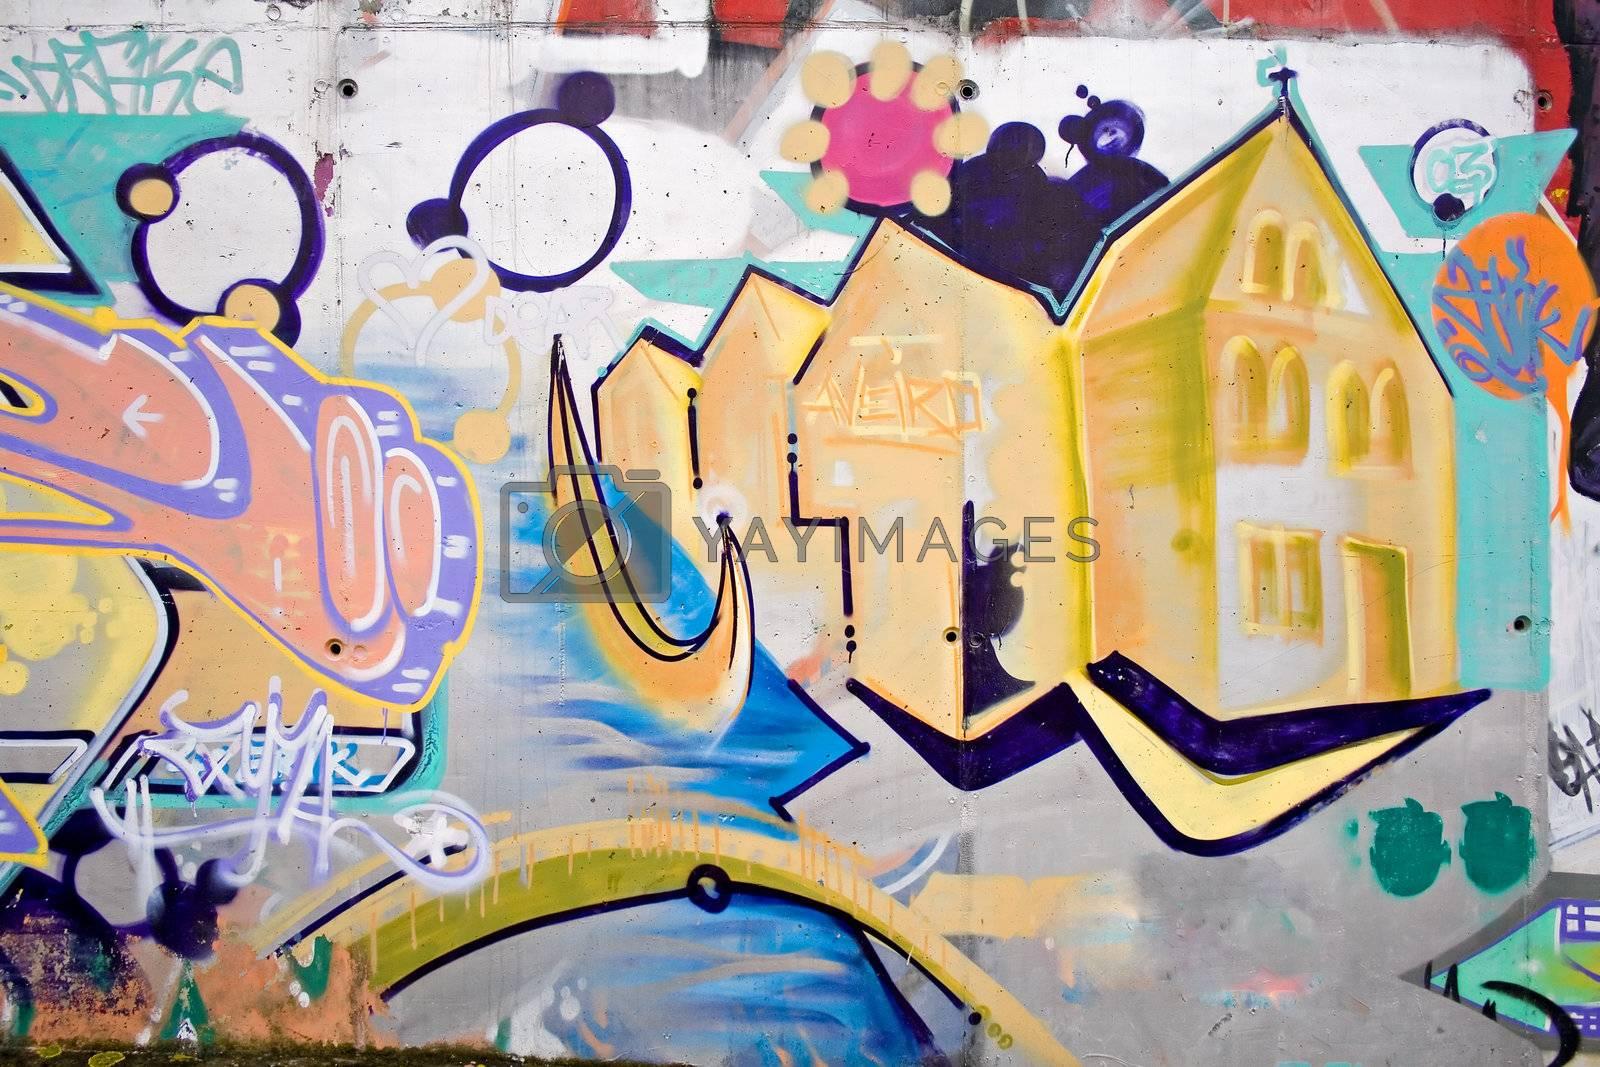 Graffiti by PauloResende